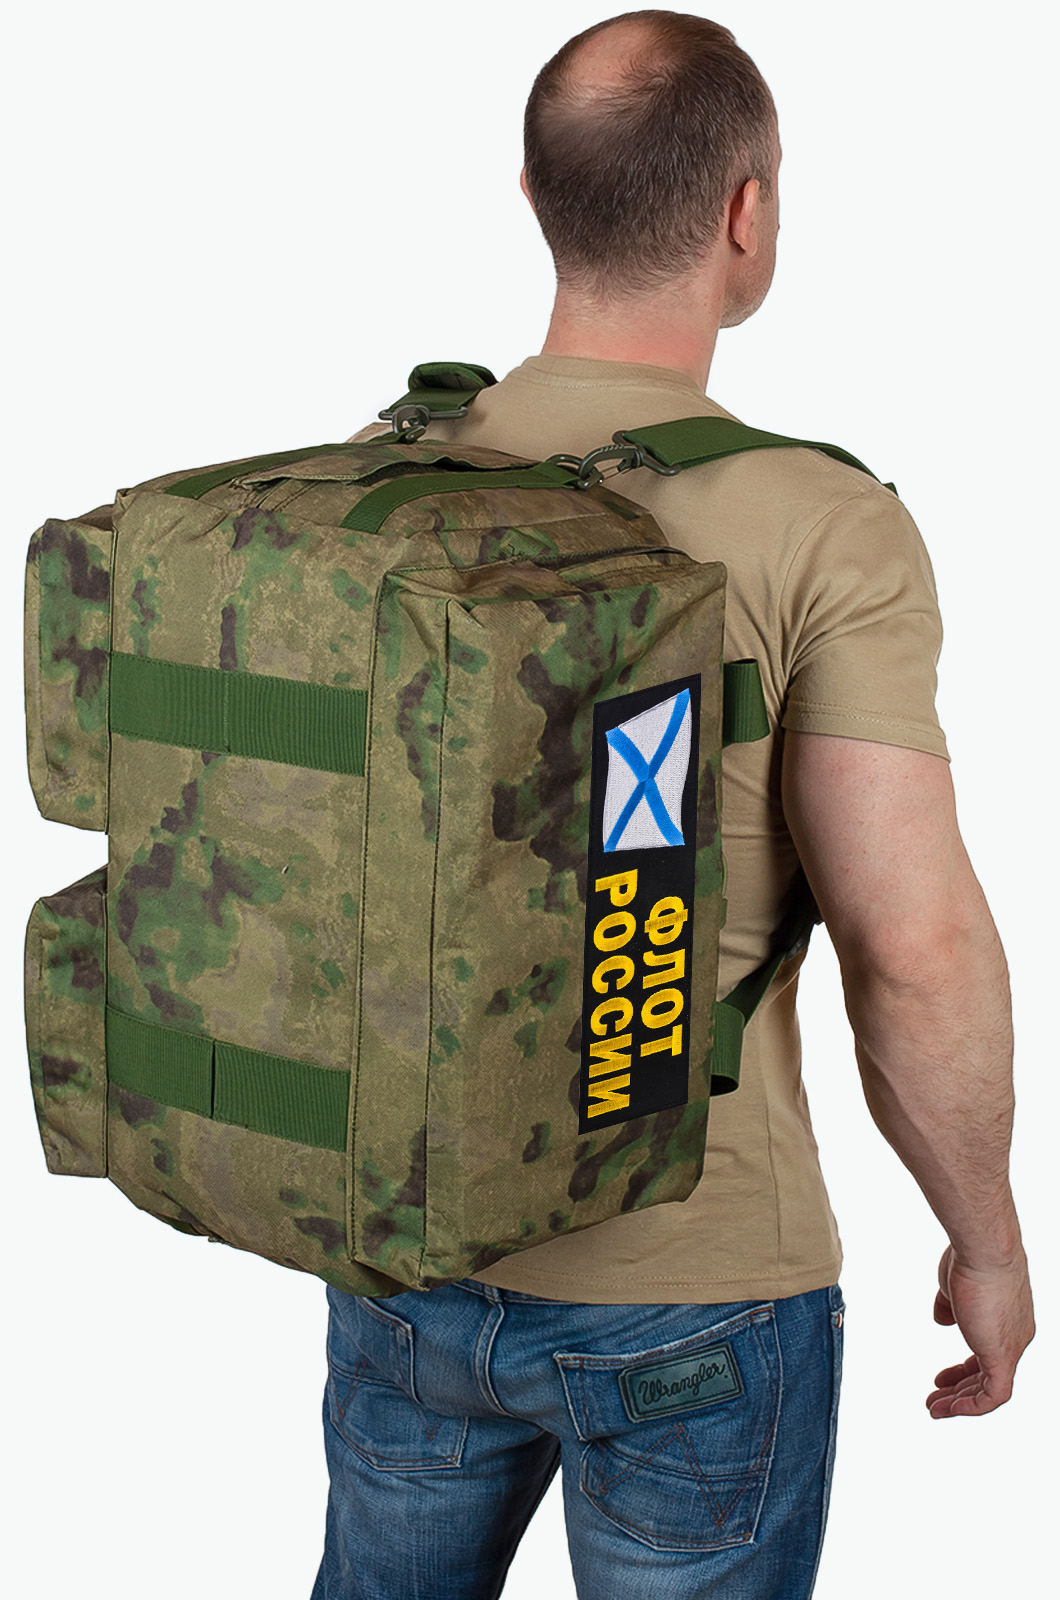 Купить армейскую сумку-баул с нашивкой Флот России с доставкой онлайн